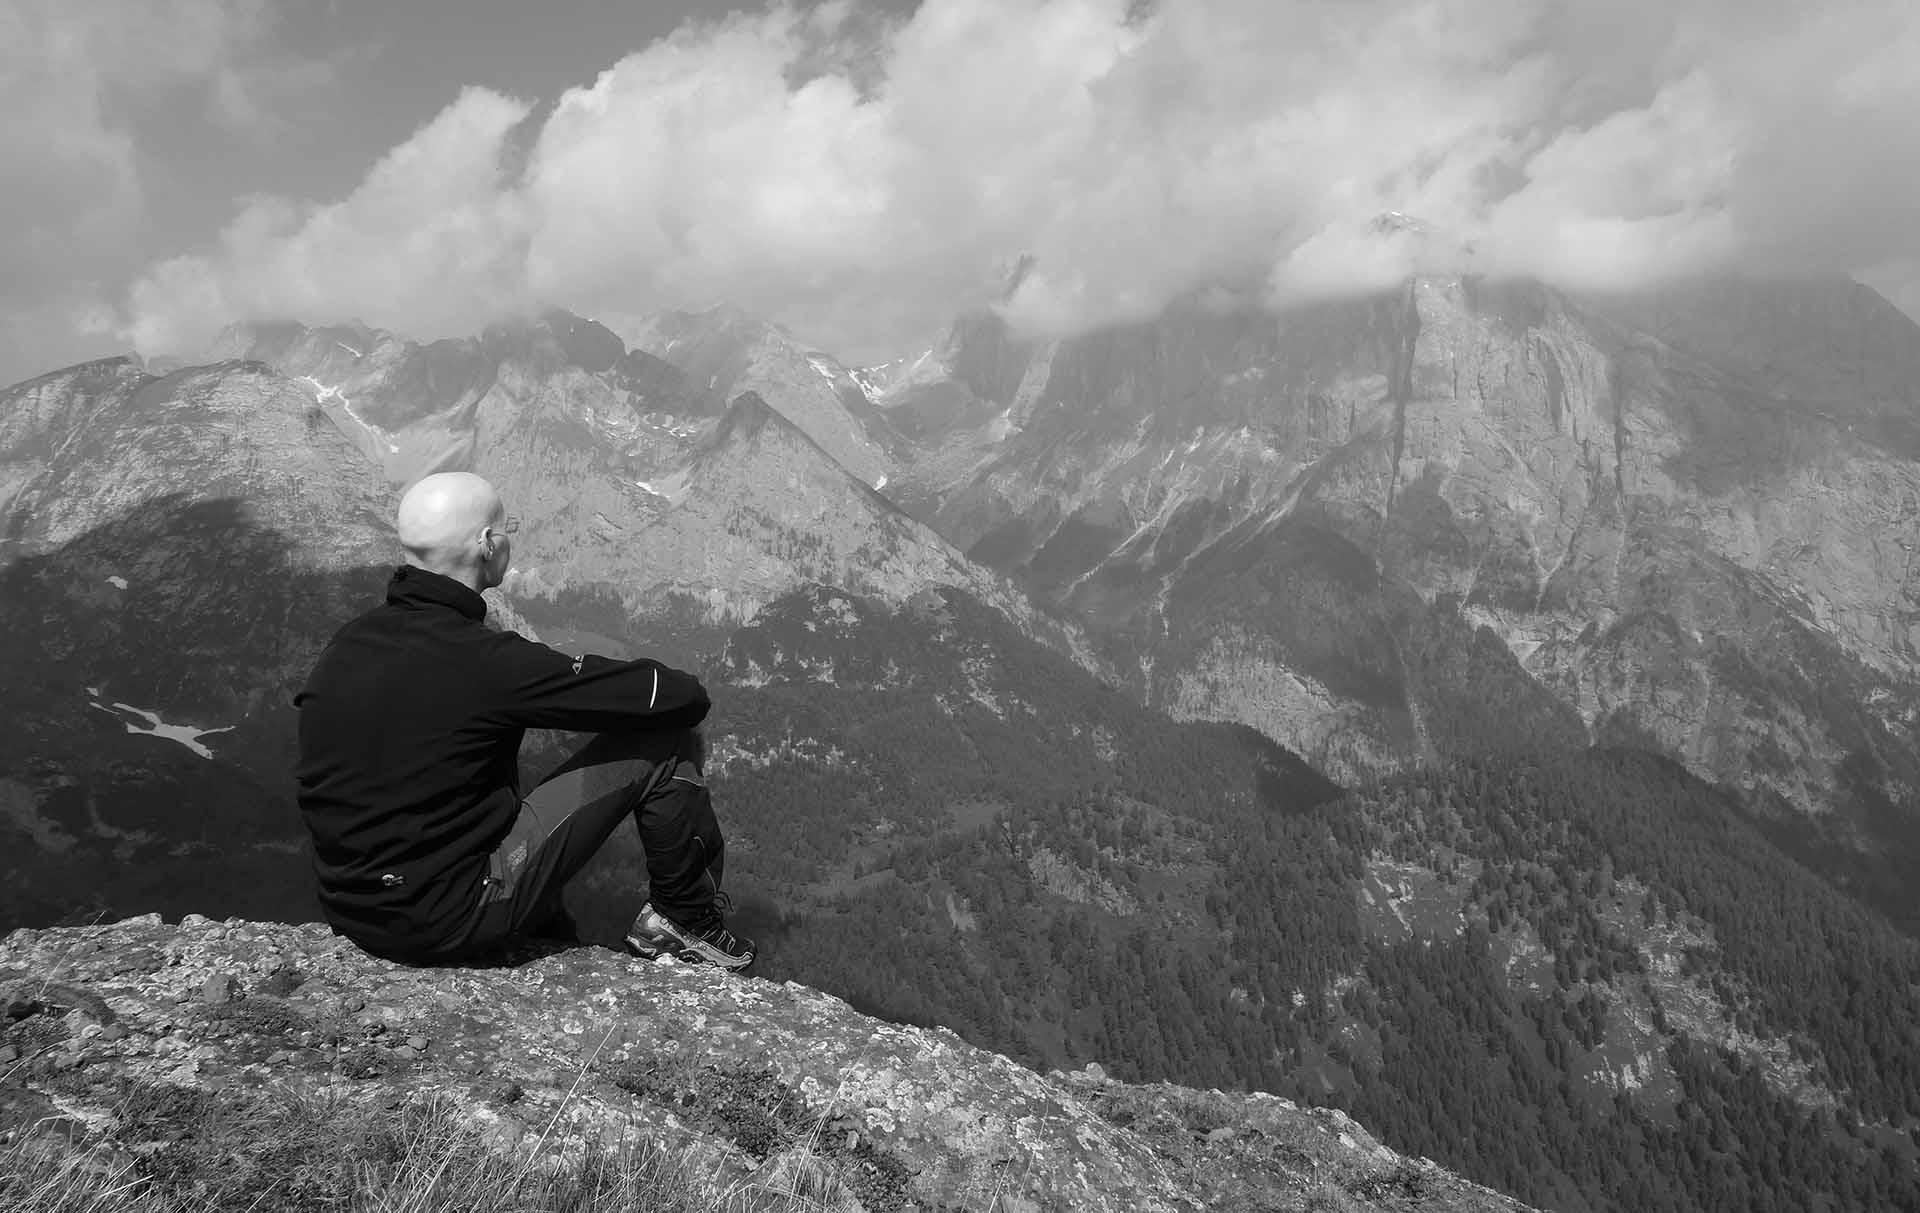 Pensieri oltre le difficoltà. Vista verso Ombretta e Marmolada